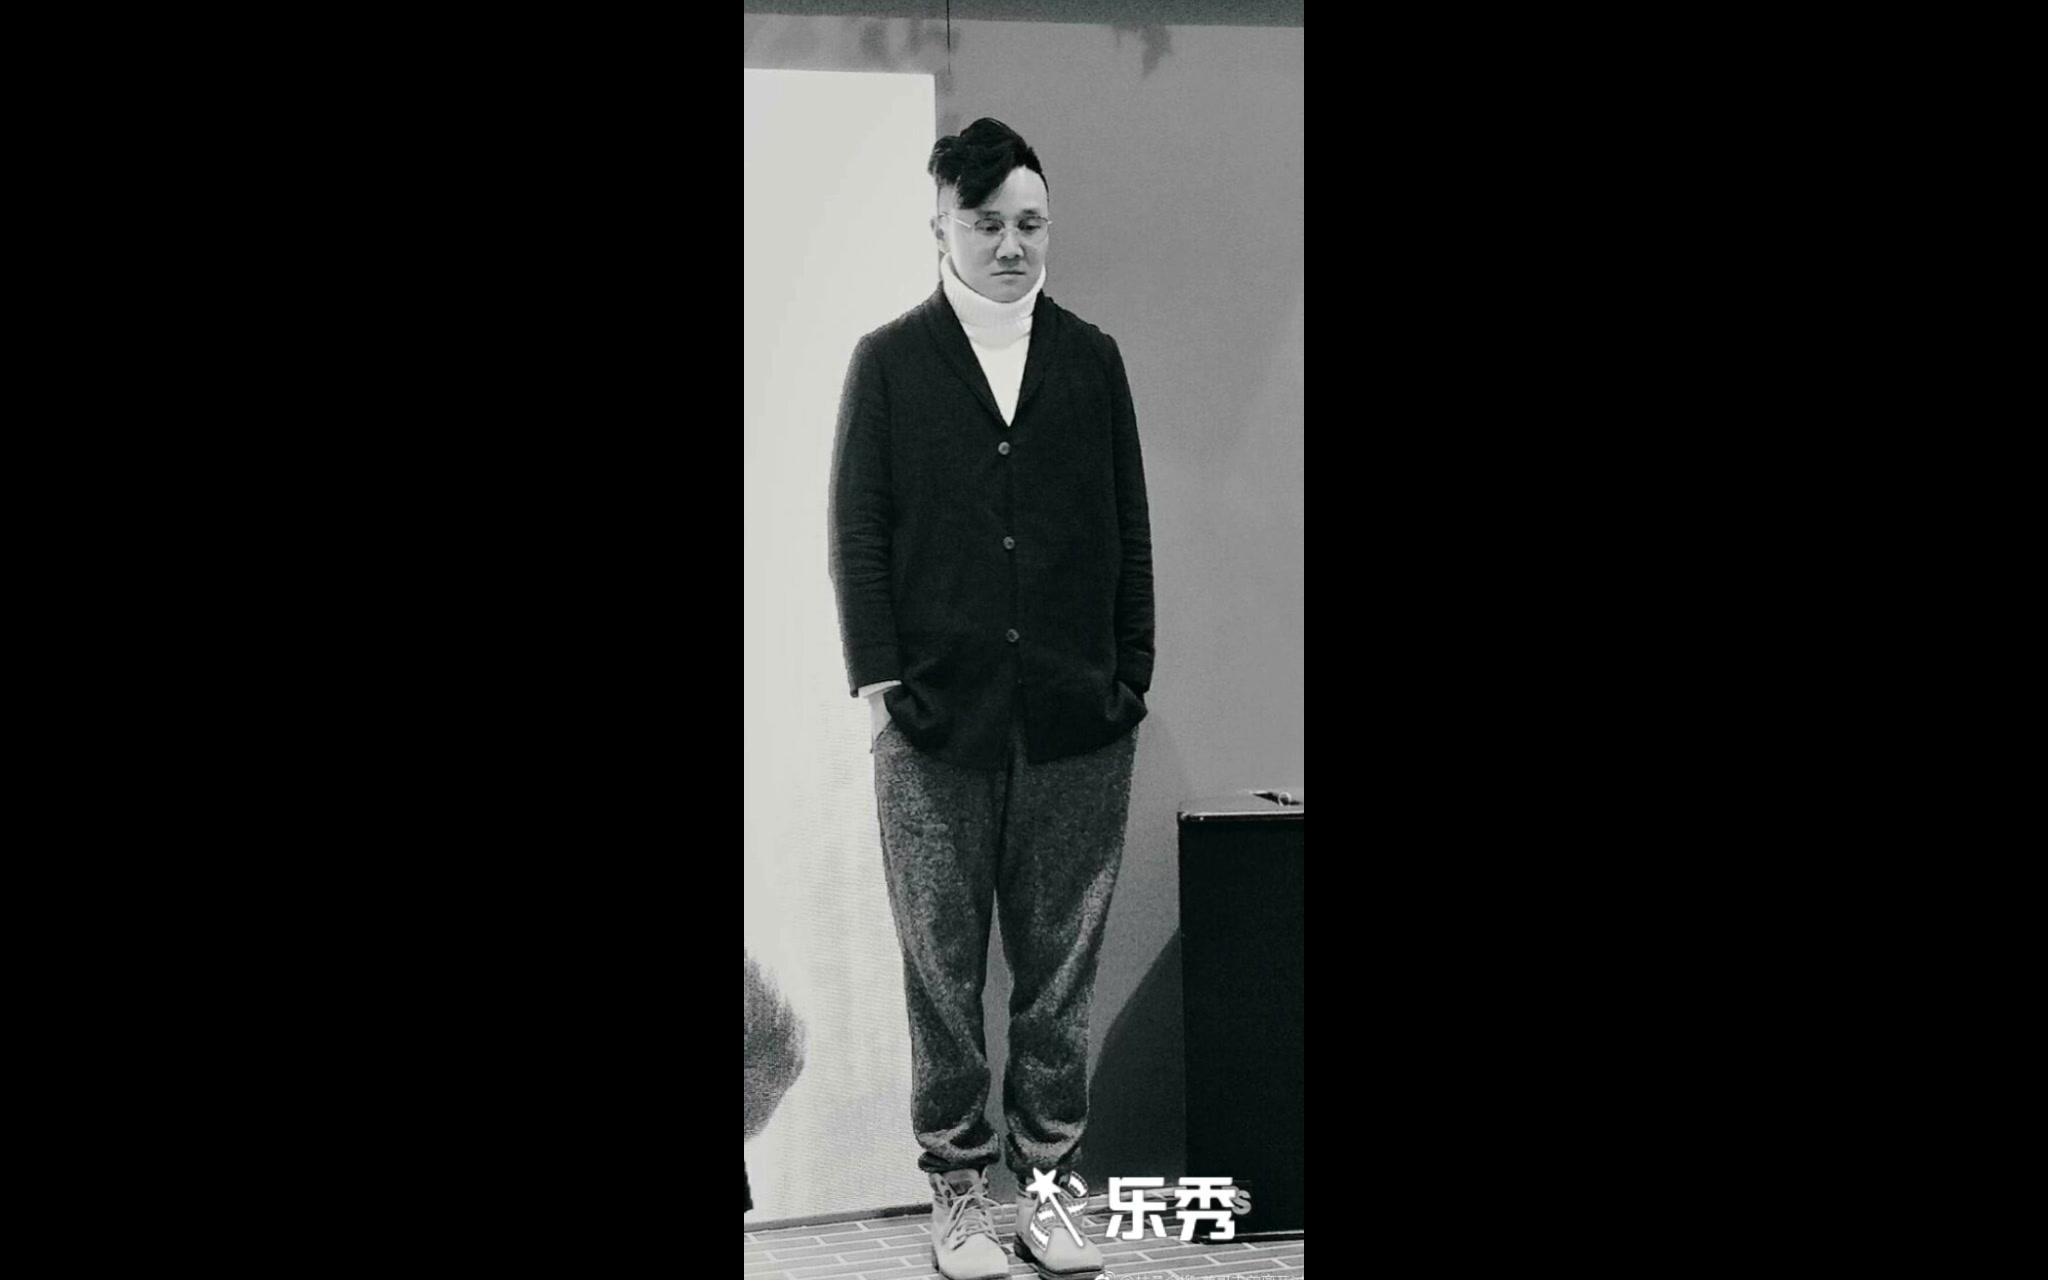 吴磊耳机_【配音吴磊】快来接受来自吴磊大大带来的告白_哔哩哔哩 (゜-゜ ...